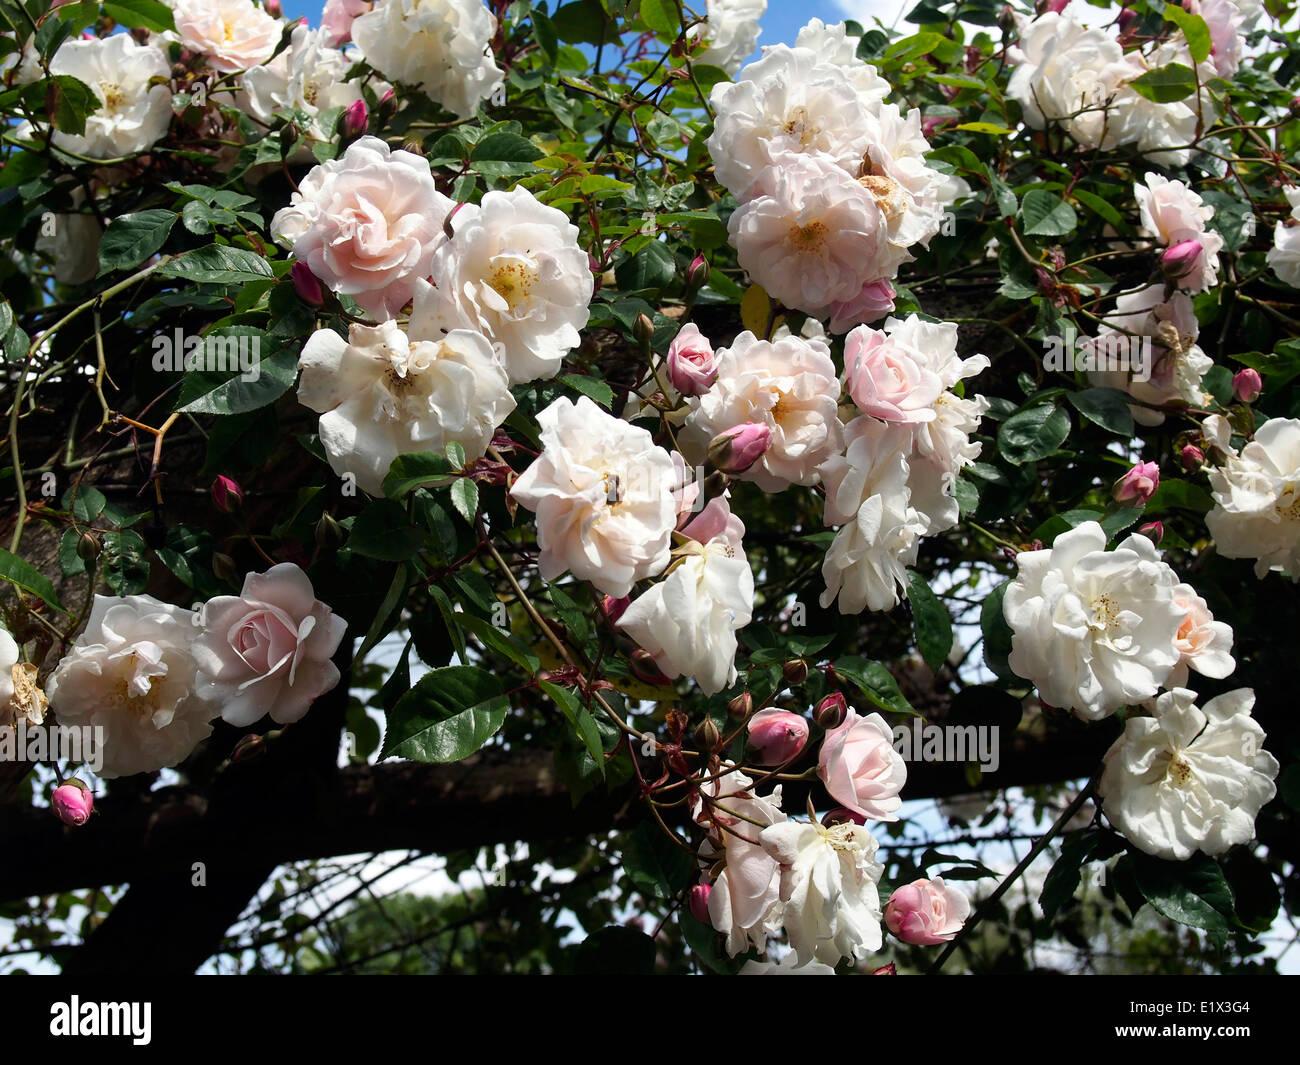 Holz Kletter Bogen : Pinky weisse rambling rose Überklettern und kaskadierung von einem